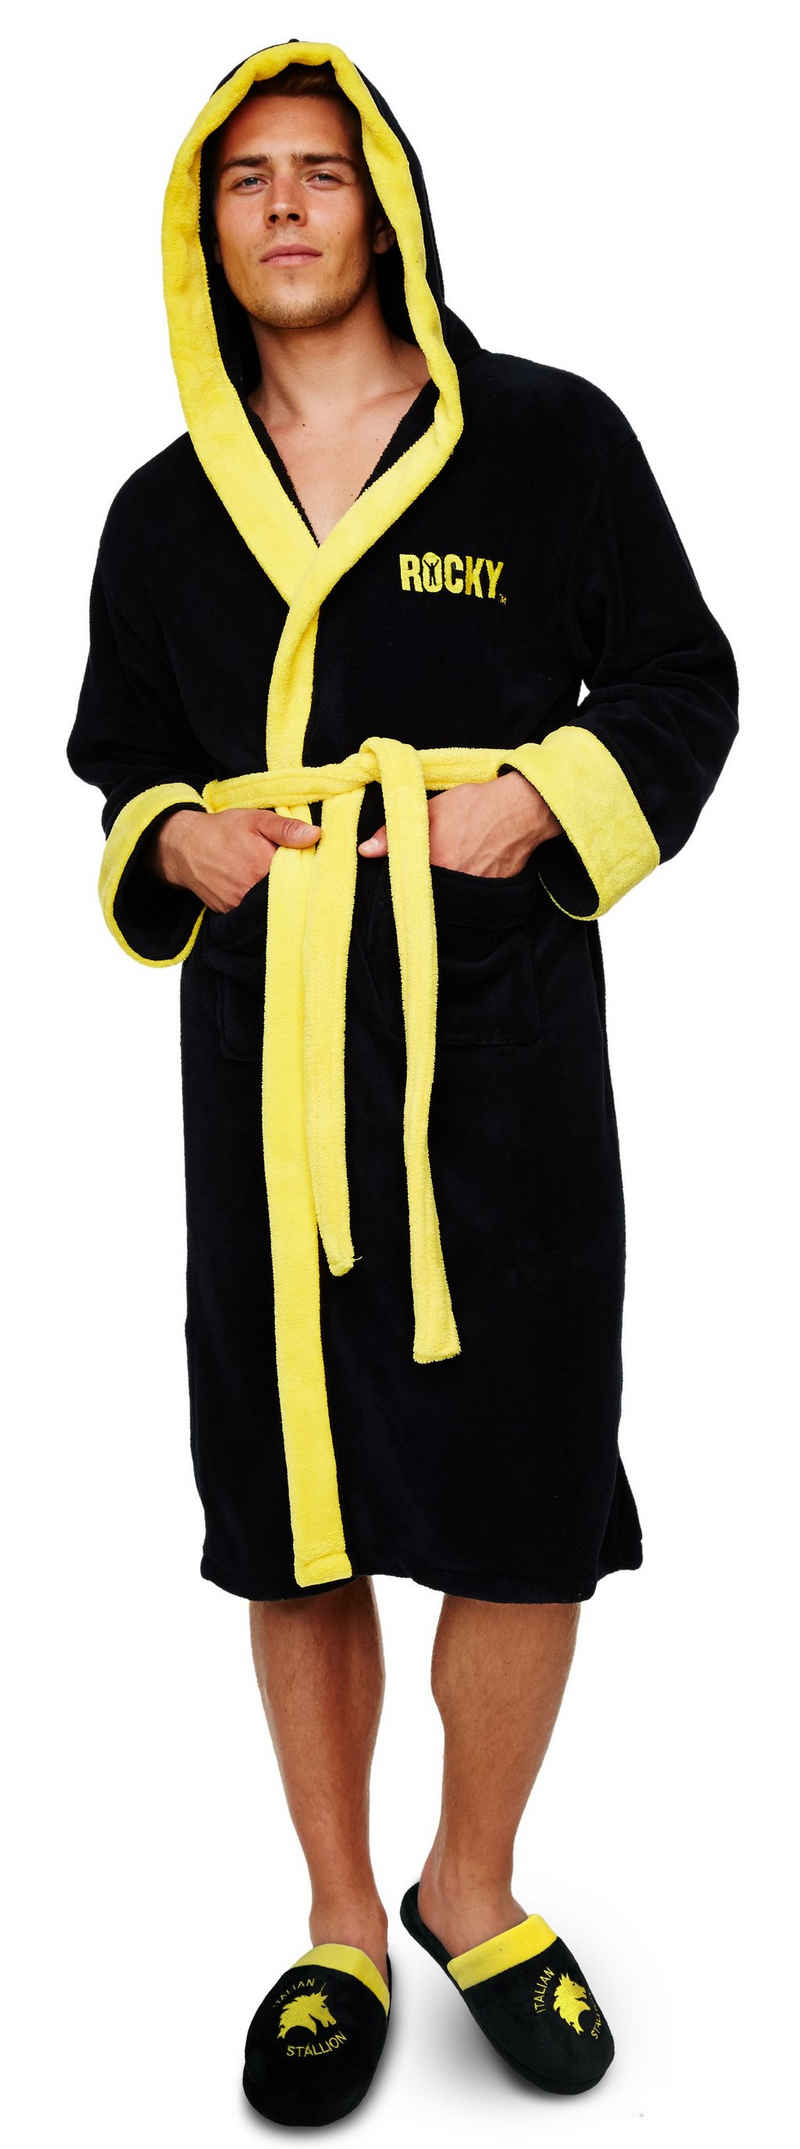 """Bademantel »ROCKY BALBOA """"The Italian Stallion"""" Unisex Bademantel mit aufgesetzten Taschen, Kapuze und Gürtel«, Groovy, one size fits most"""